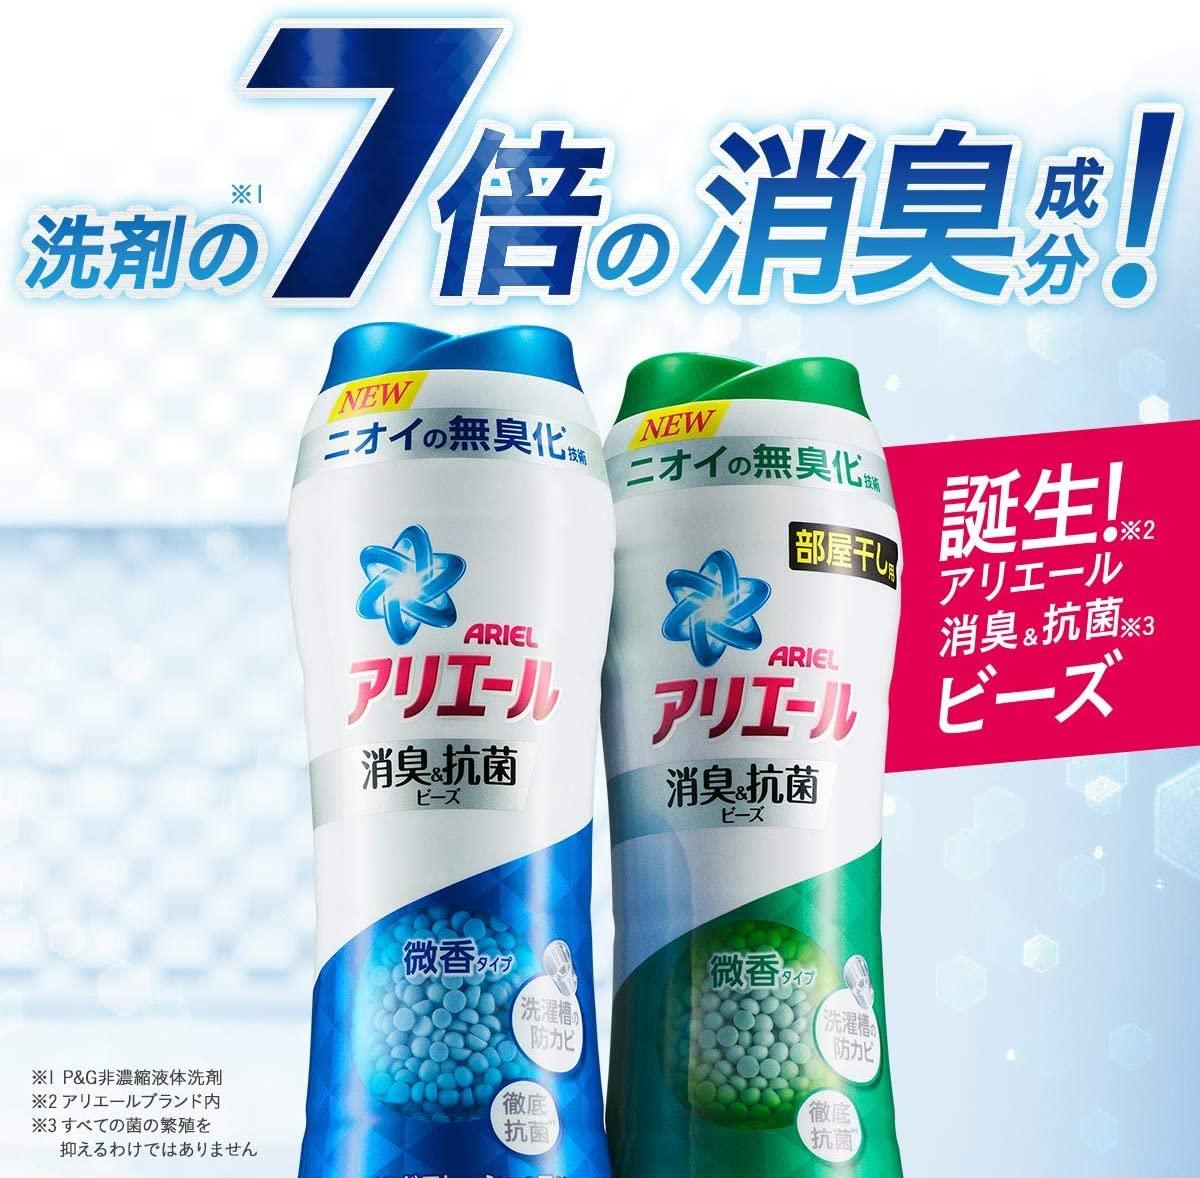 アマゾンでアリエール 消臭&抗菌ビーズ 洗剤の7倍の消臭成分 マイルドフレッシュ 本体 490mLが5割引。